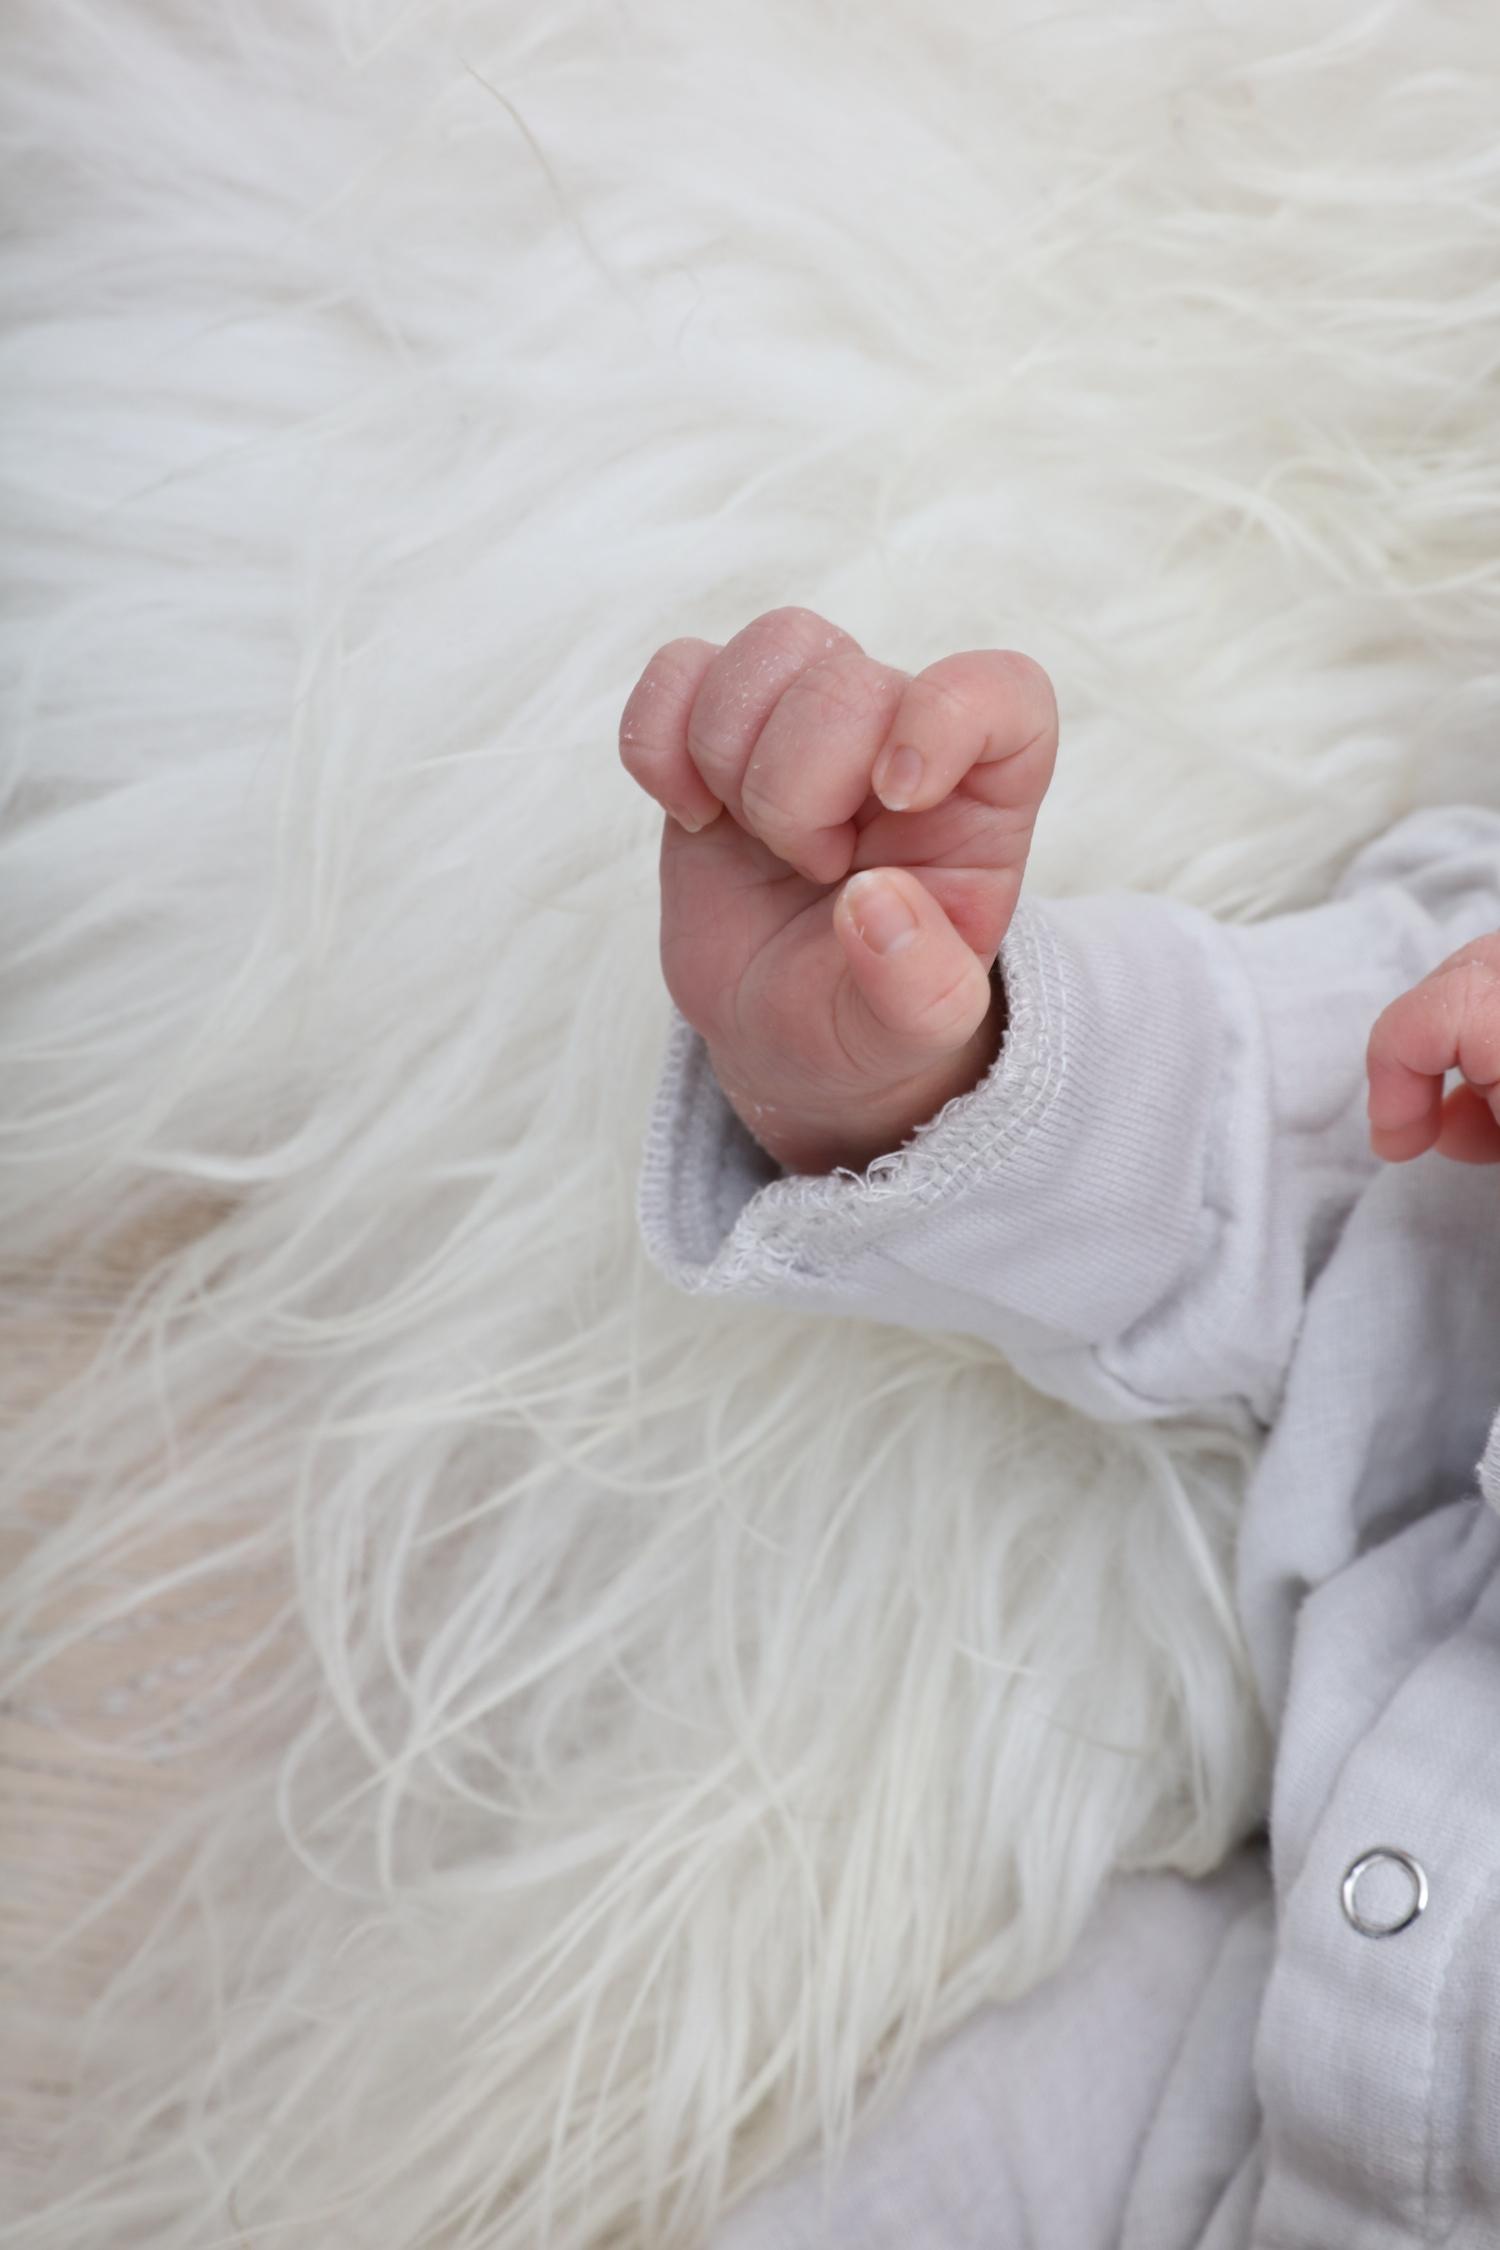 konges_slojd_cissy_wears_baby